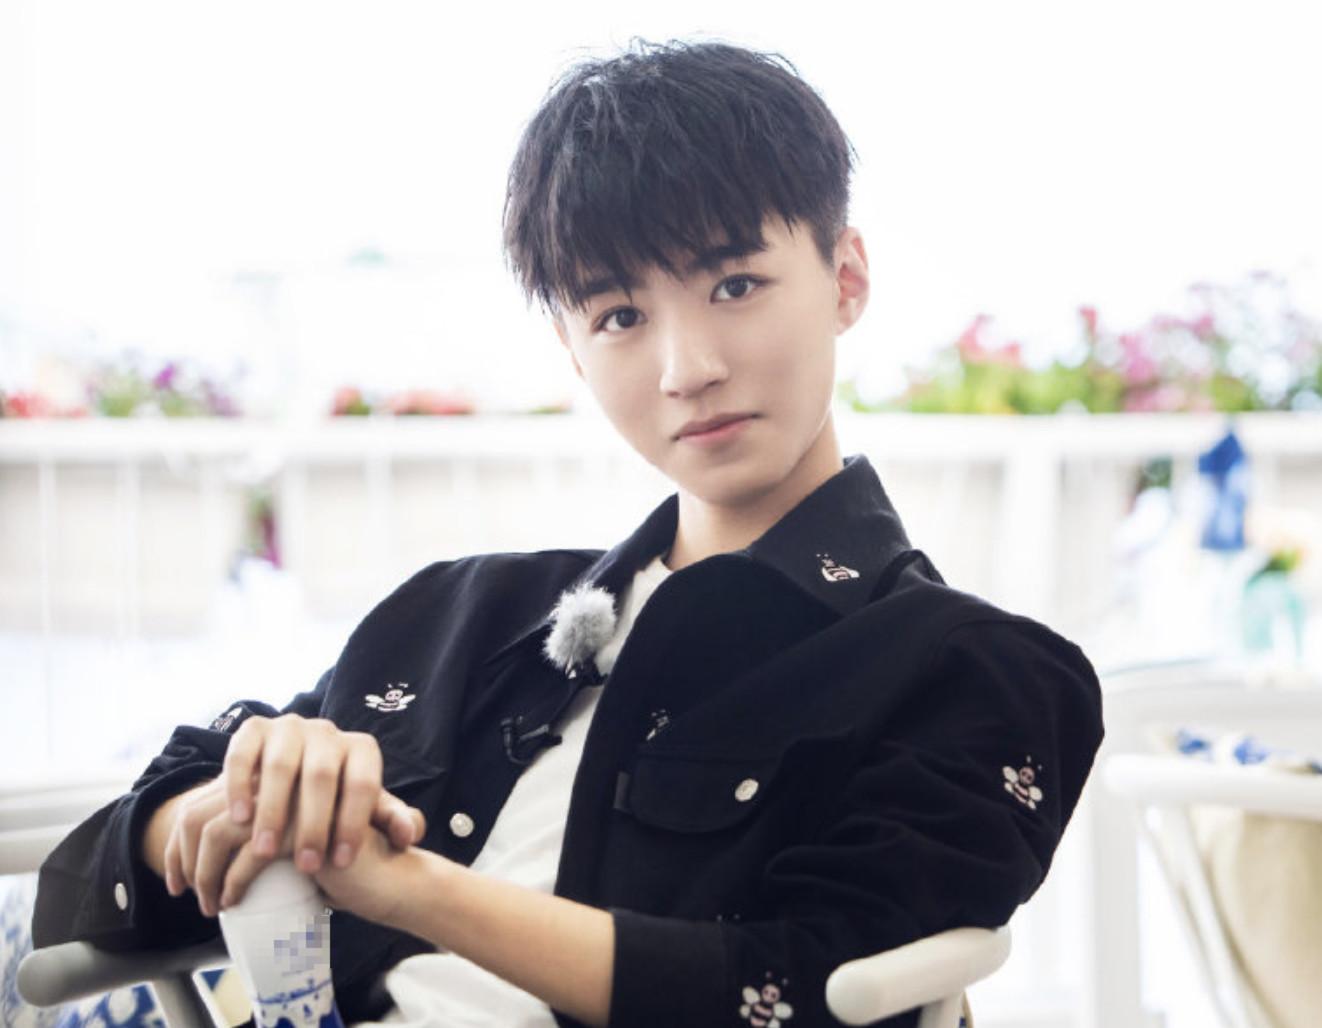 《中餐厅3》杨紫说王俊凯头发油,小凯对她也不客气,粉丝放心了